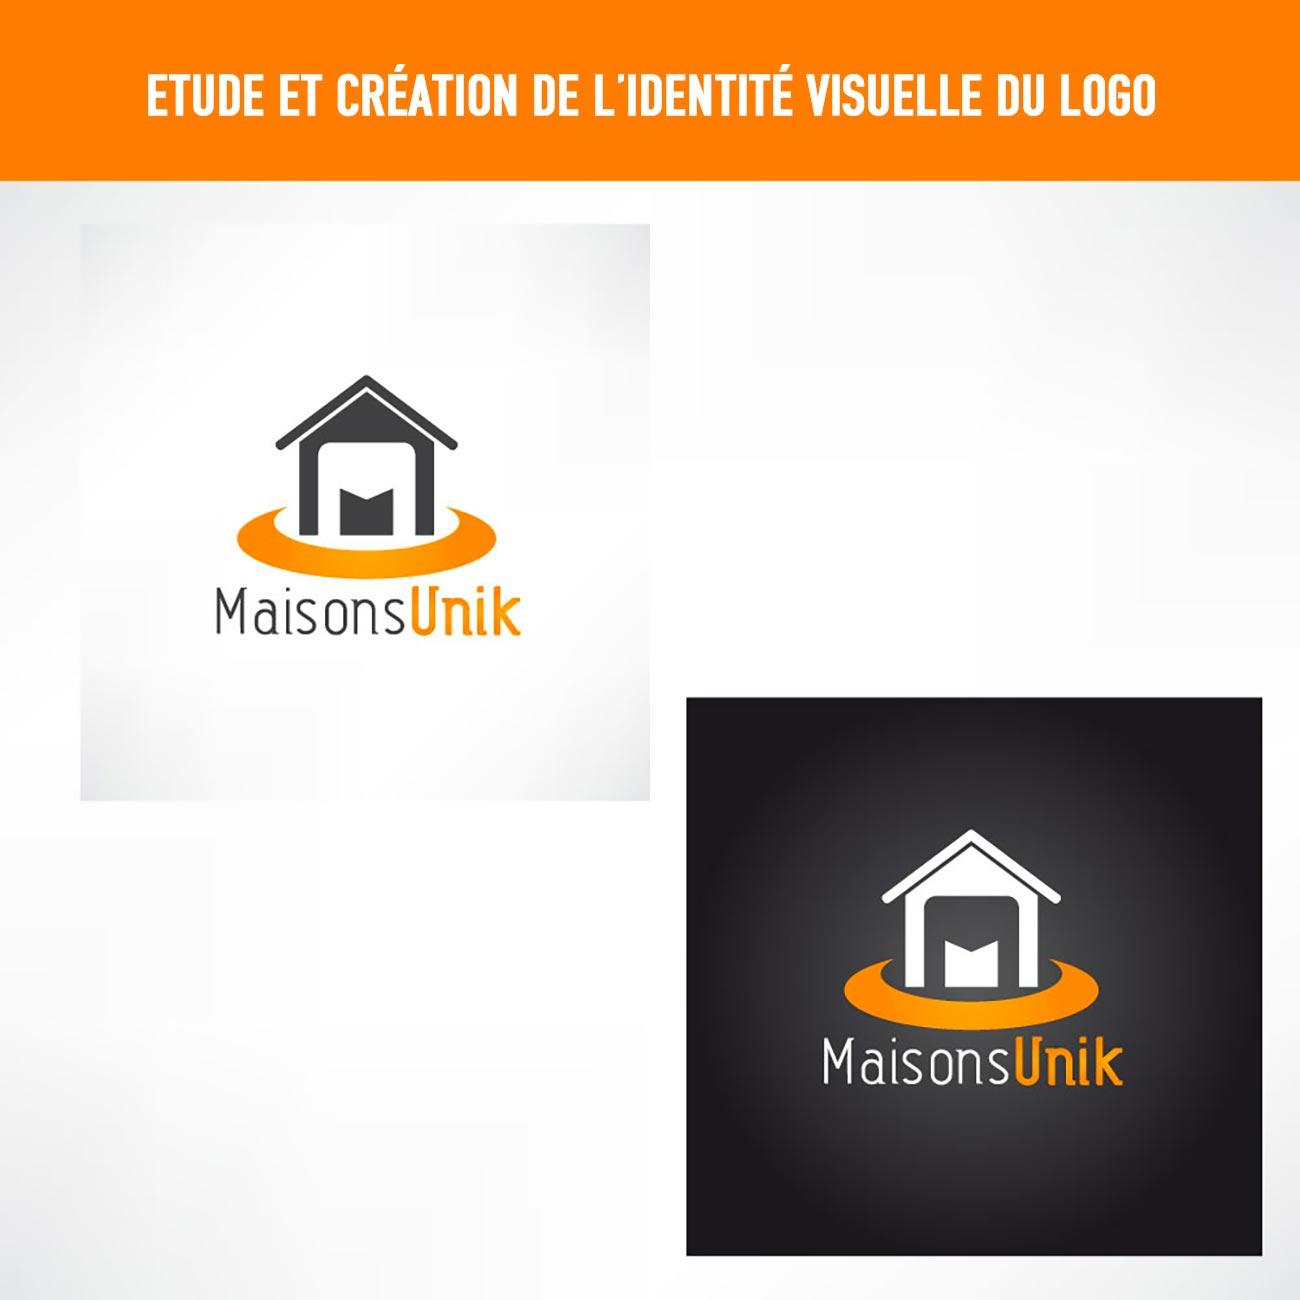 Roxane_studio_agence_publicitaire_liege_Maisons_unik_logo02